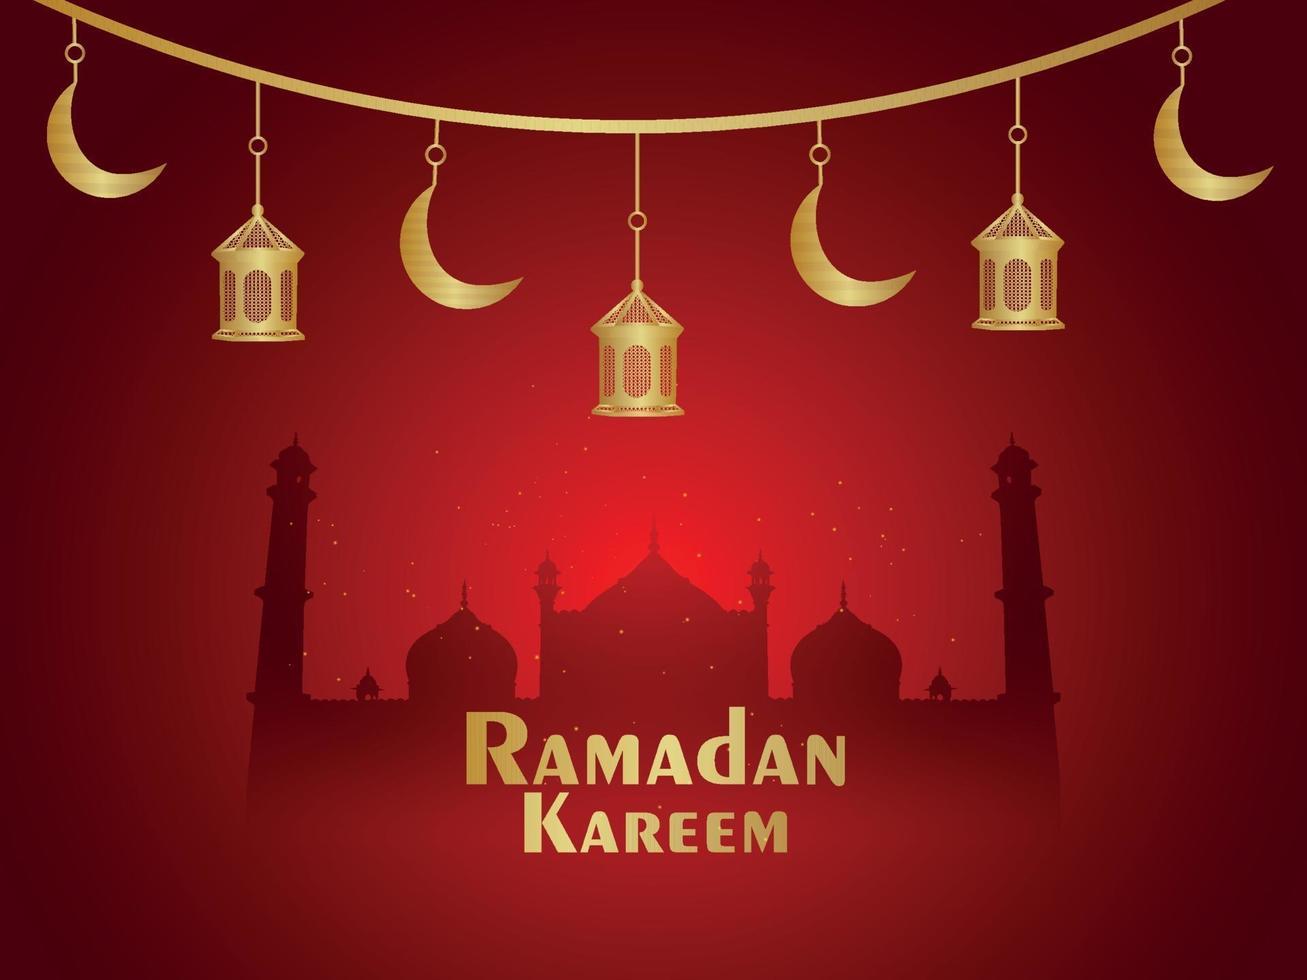 ramadan kareem célébration festival islamique avec fond de lanternes créatives vecteur